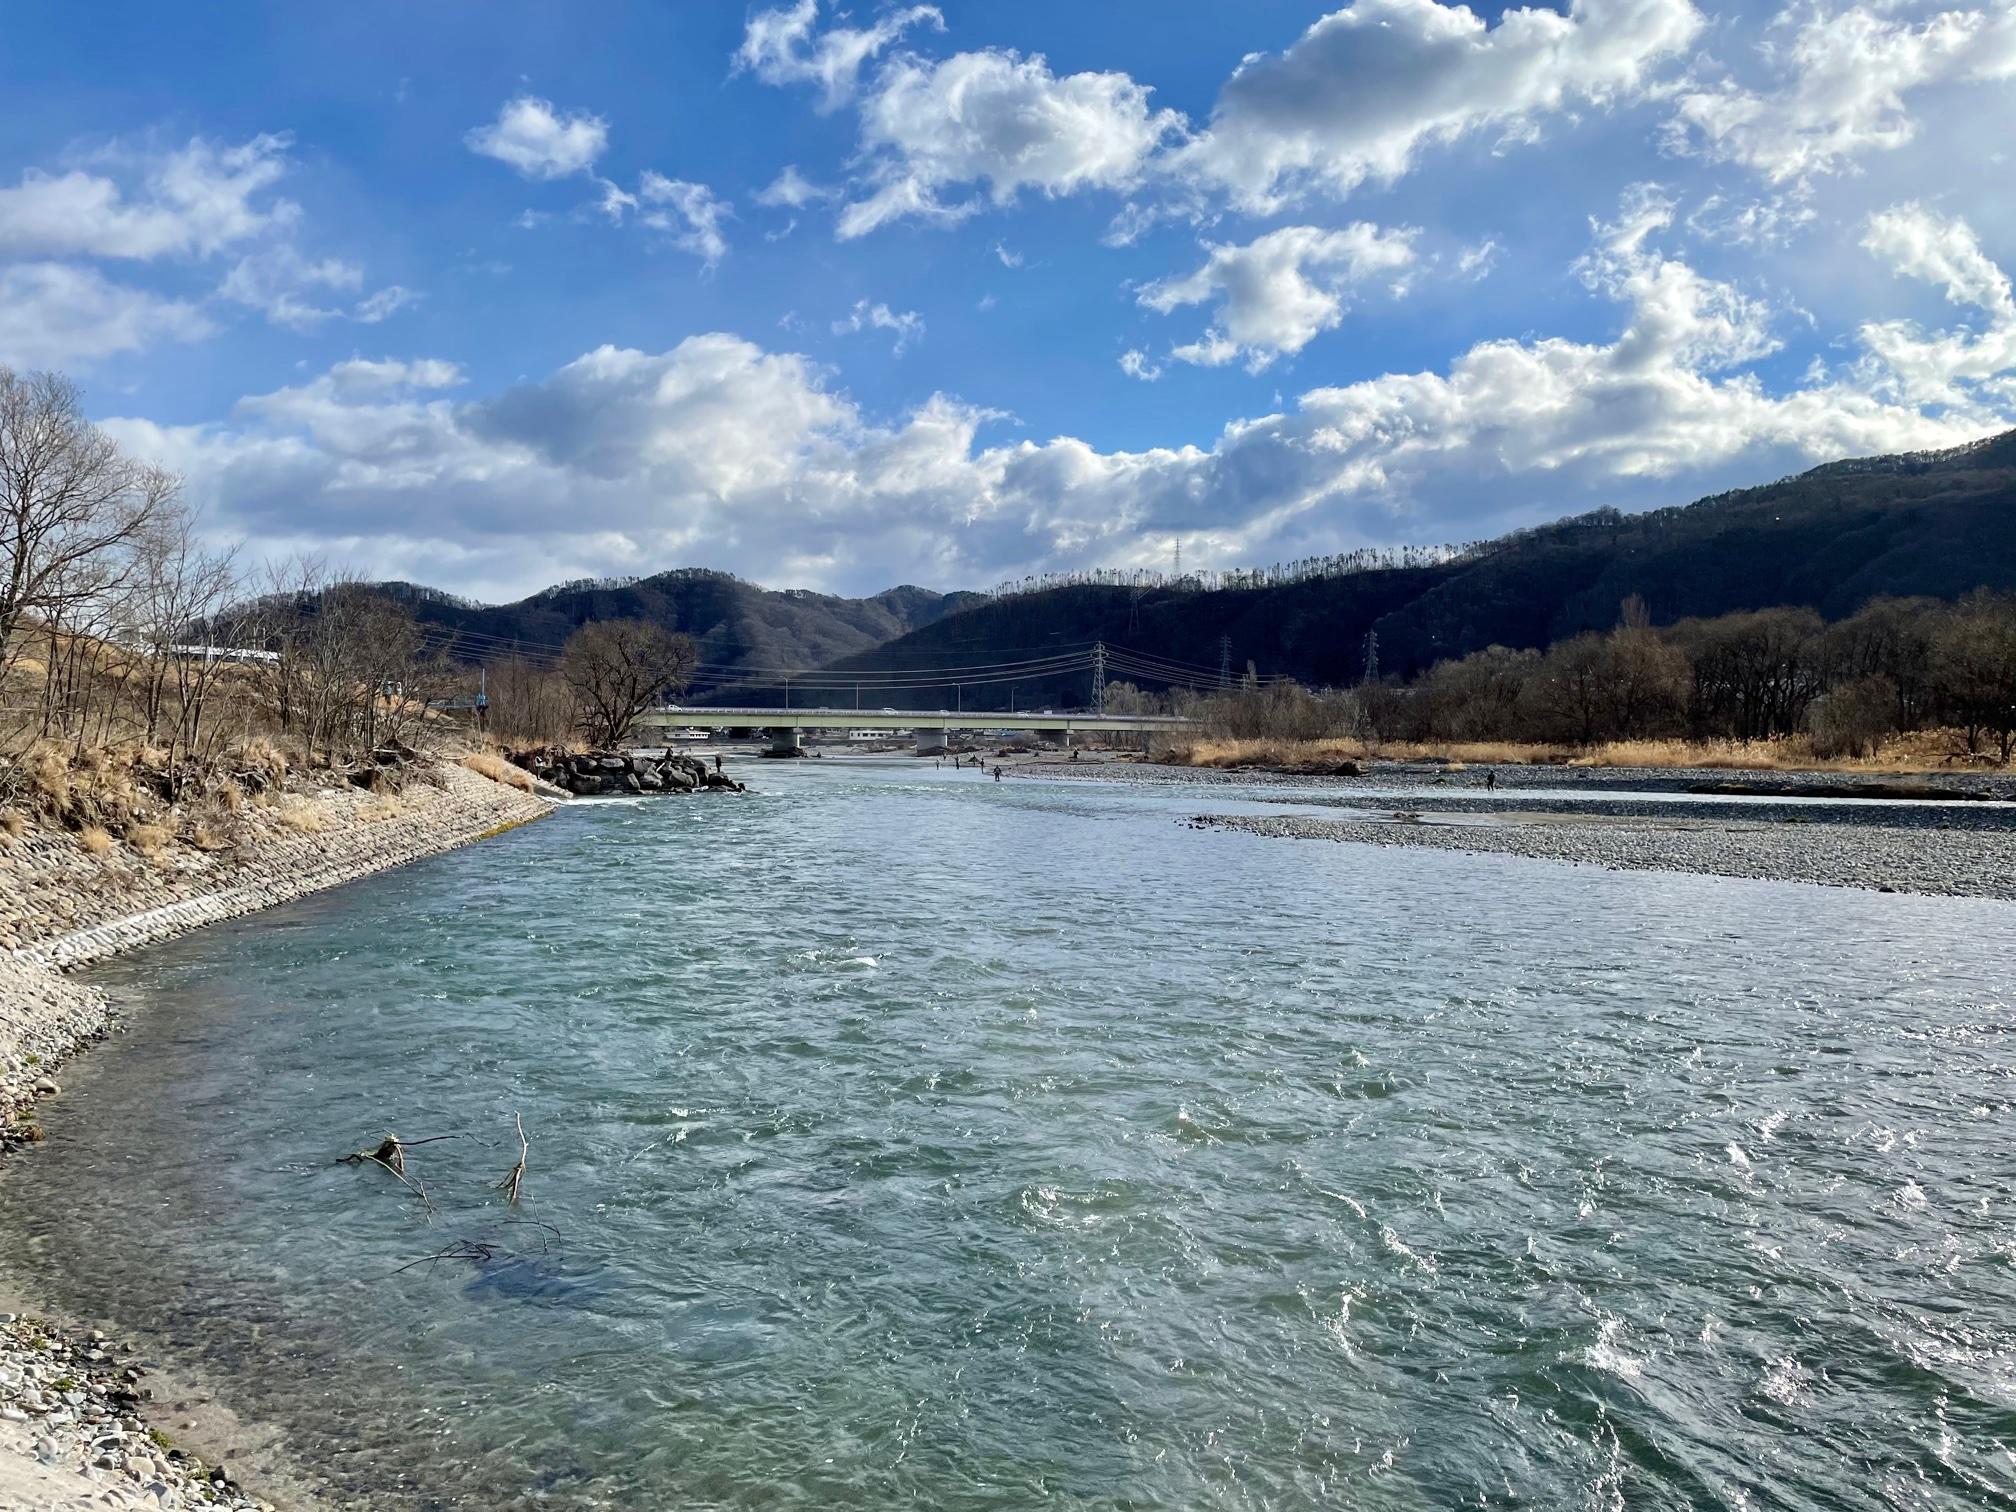 解禁直後の犀川の様子